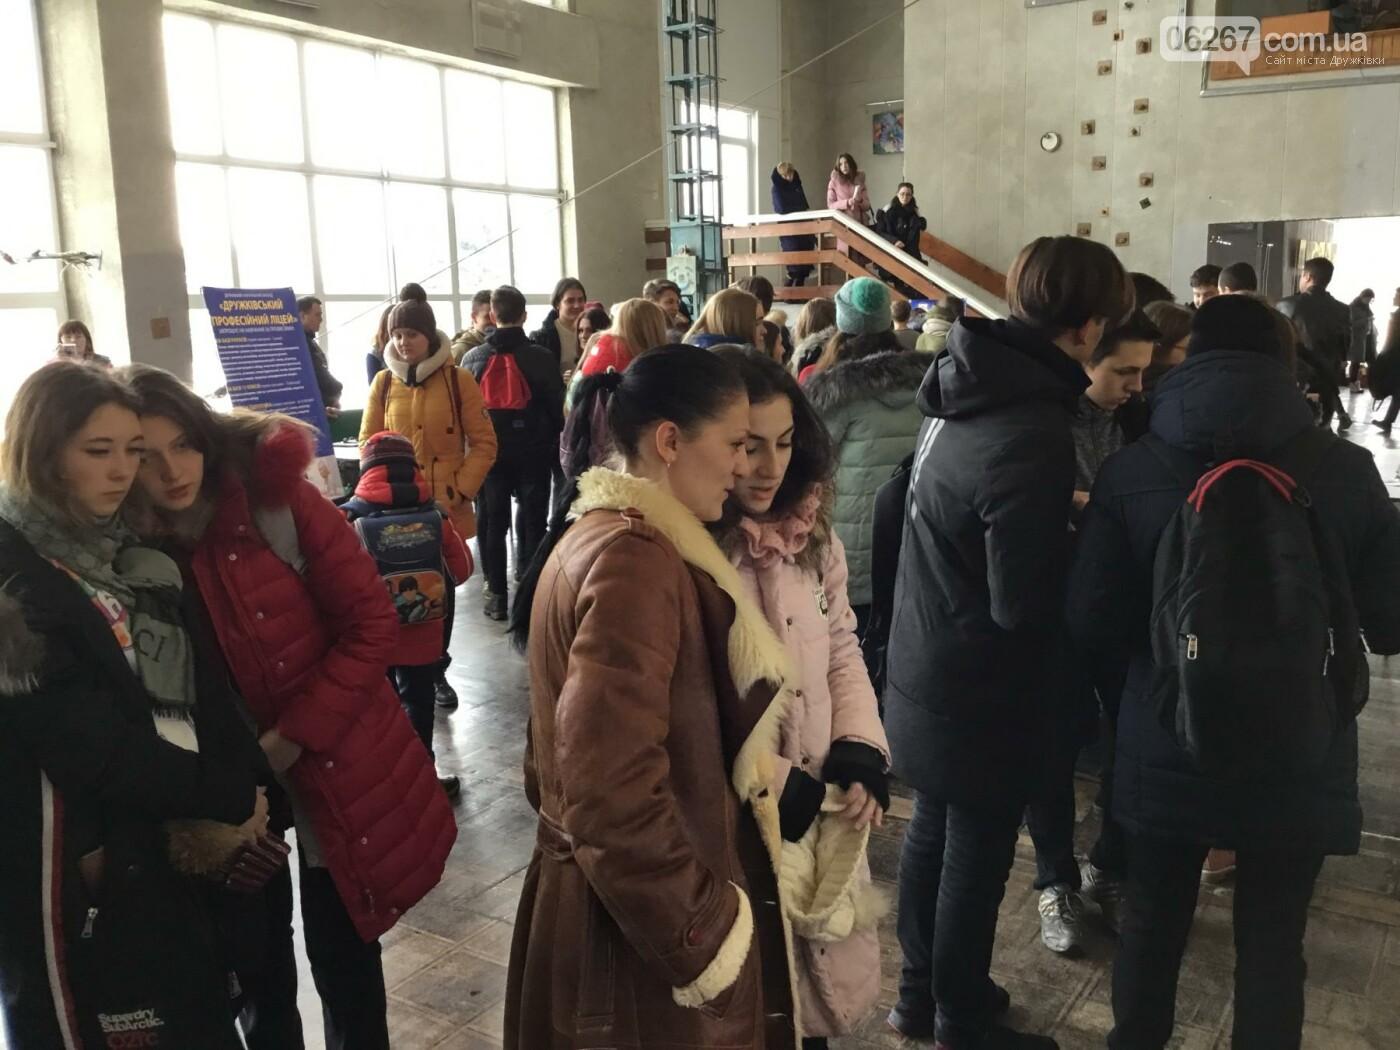 Куда пойти учиться: Дружковские старшеклассники присматривали для себя подходящие профессии (ФОТО, ВИДЕО), фото-3